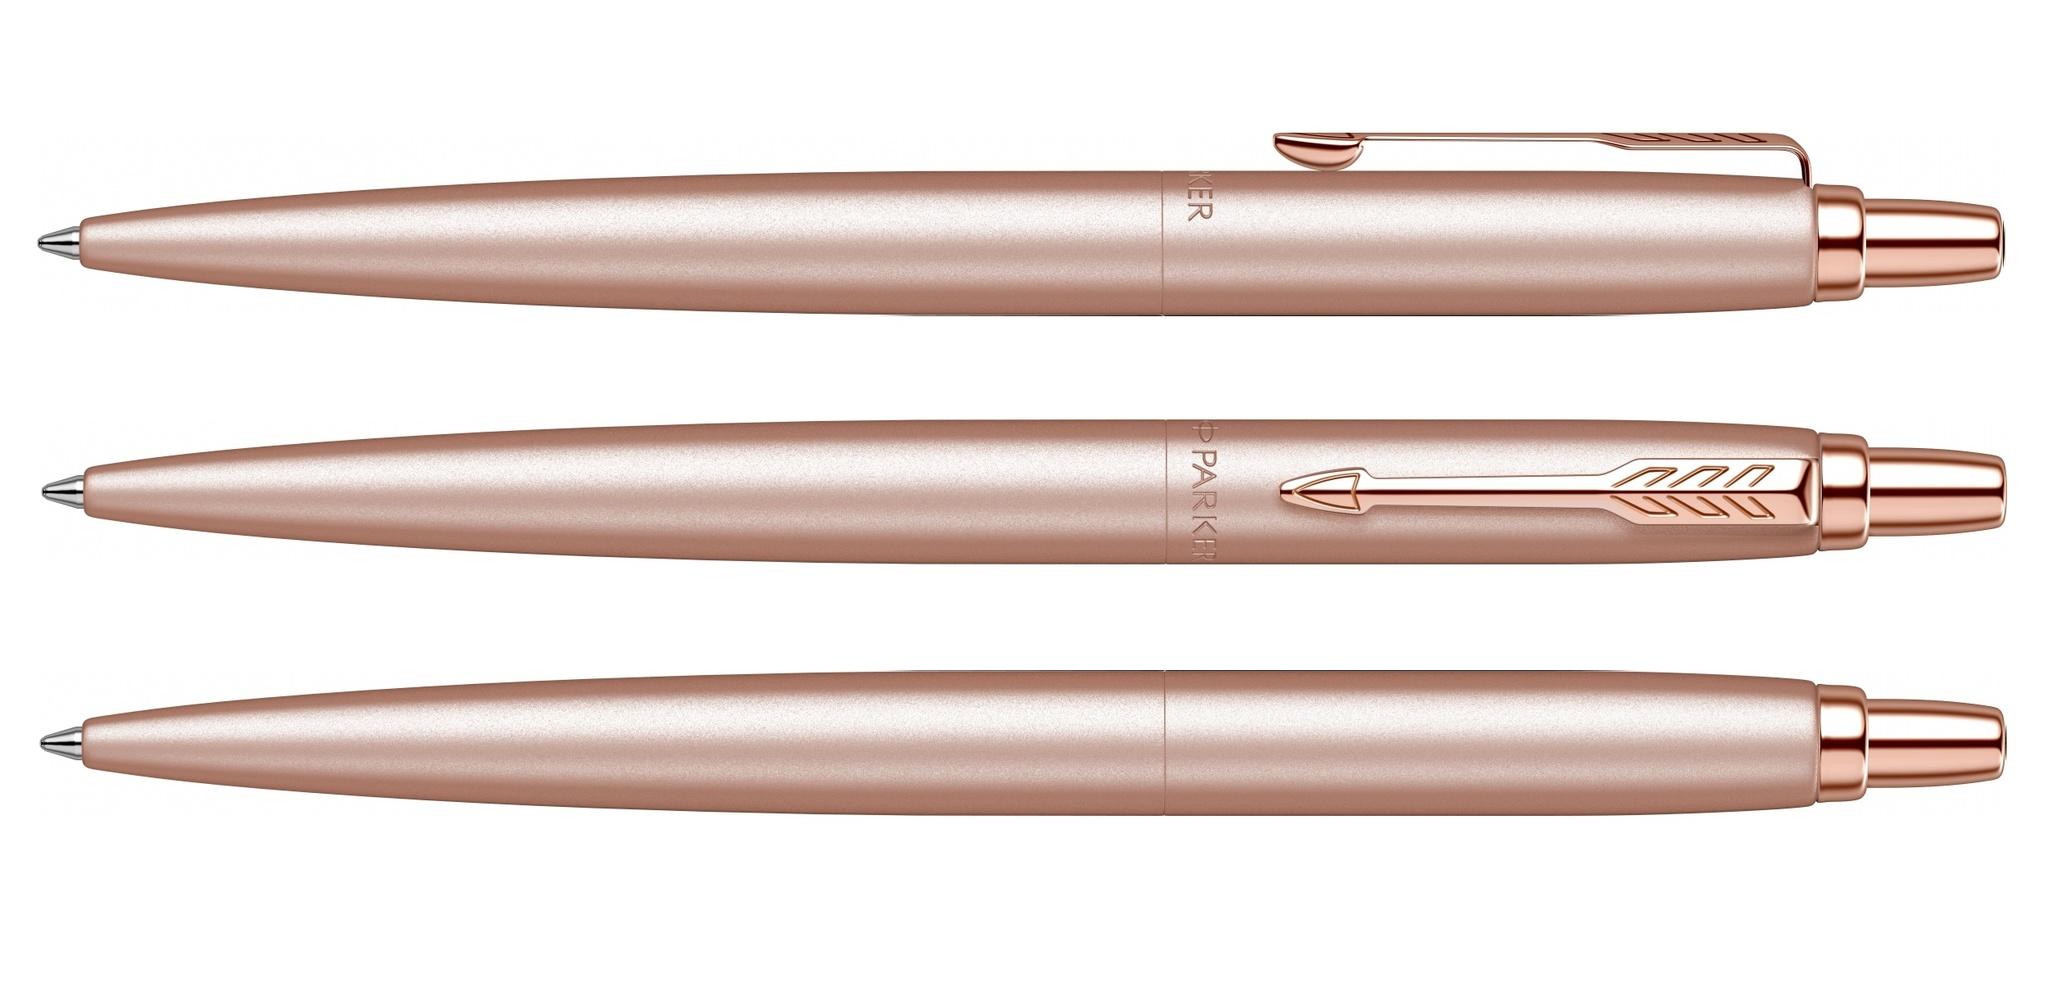 SE20 (2122755)  Ручка Parker Jotter Monochrome XL розовое золото M синие чернила подар. упаковка